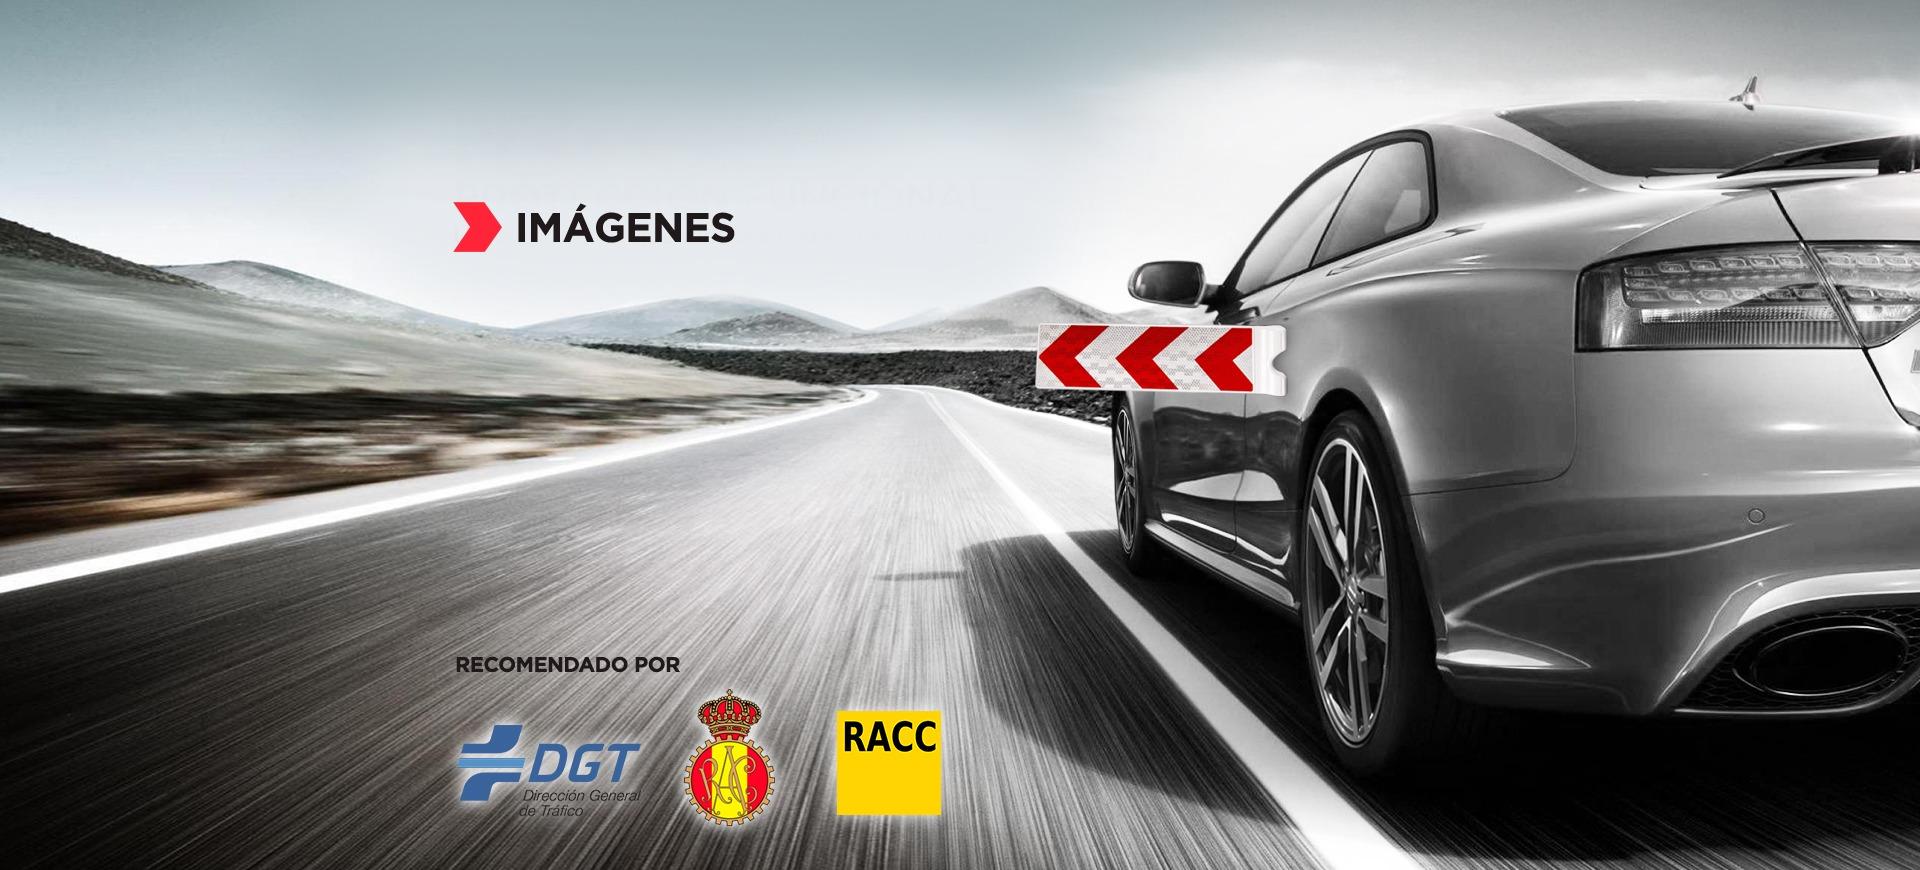 cab-imagenes